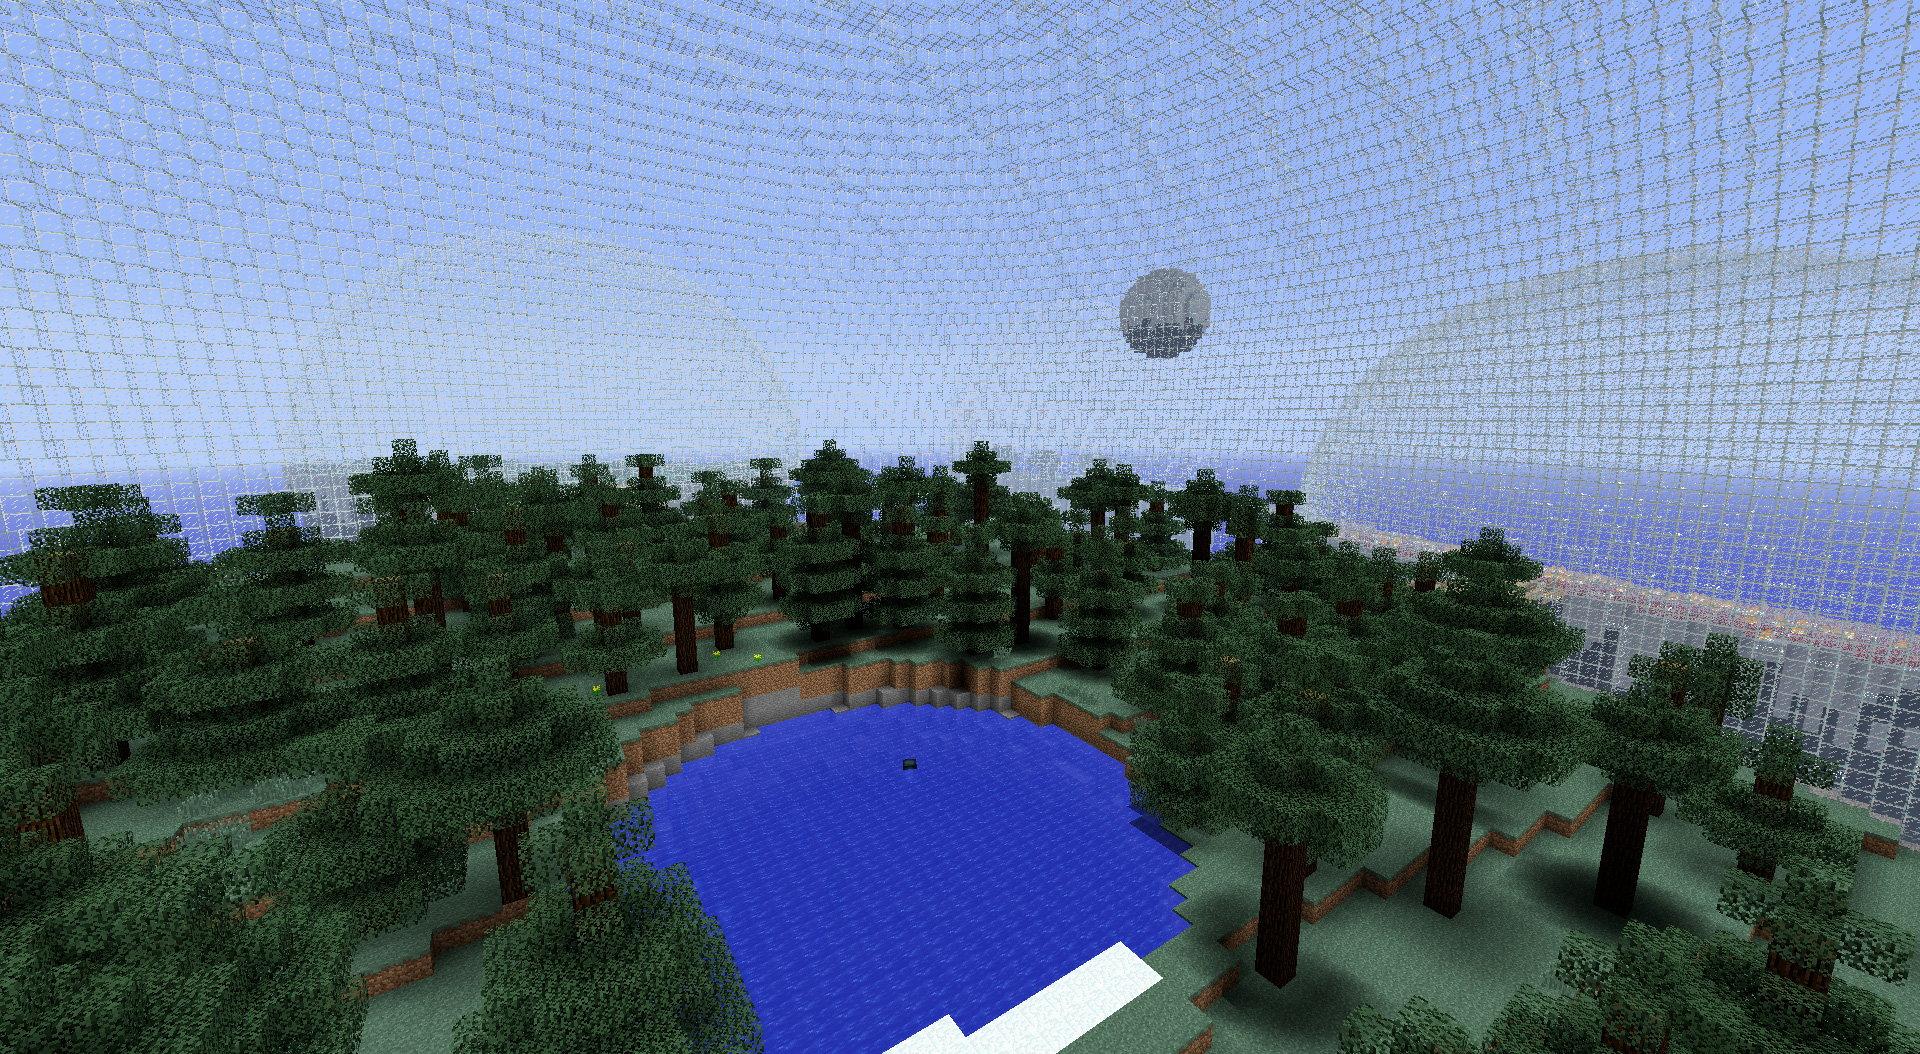 Biosphere Mod (1 6) | Minecraft Mods